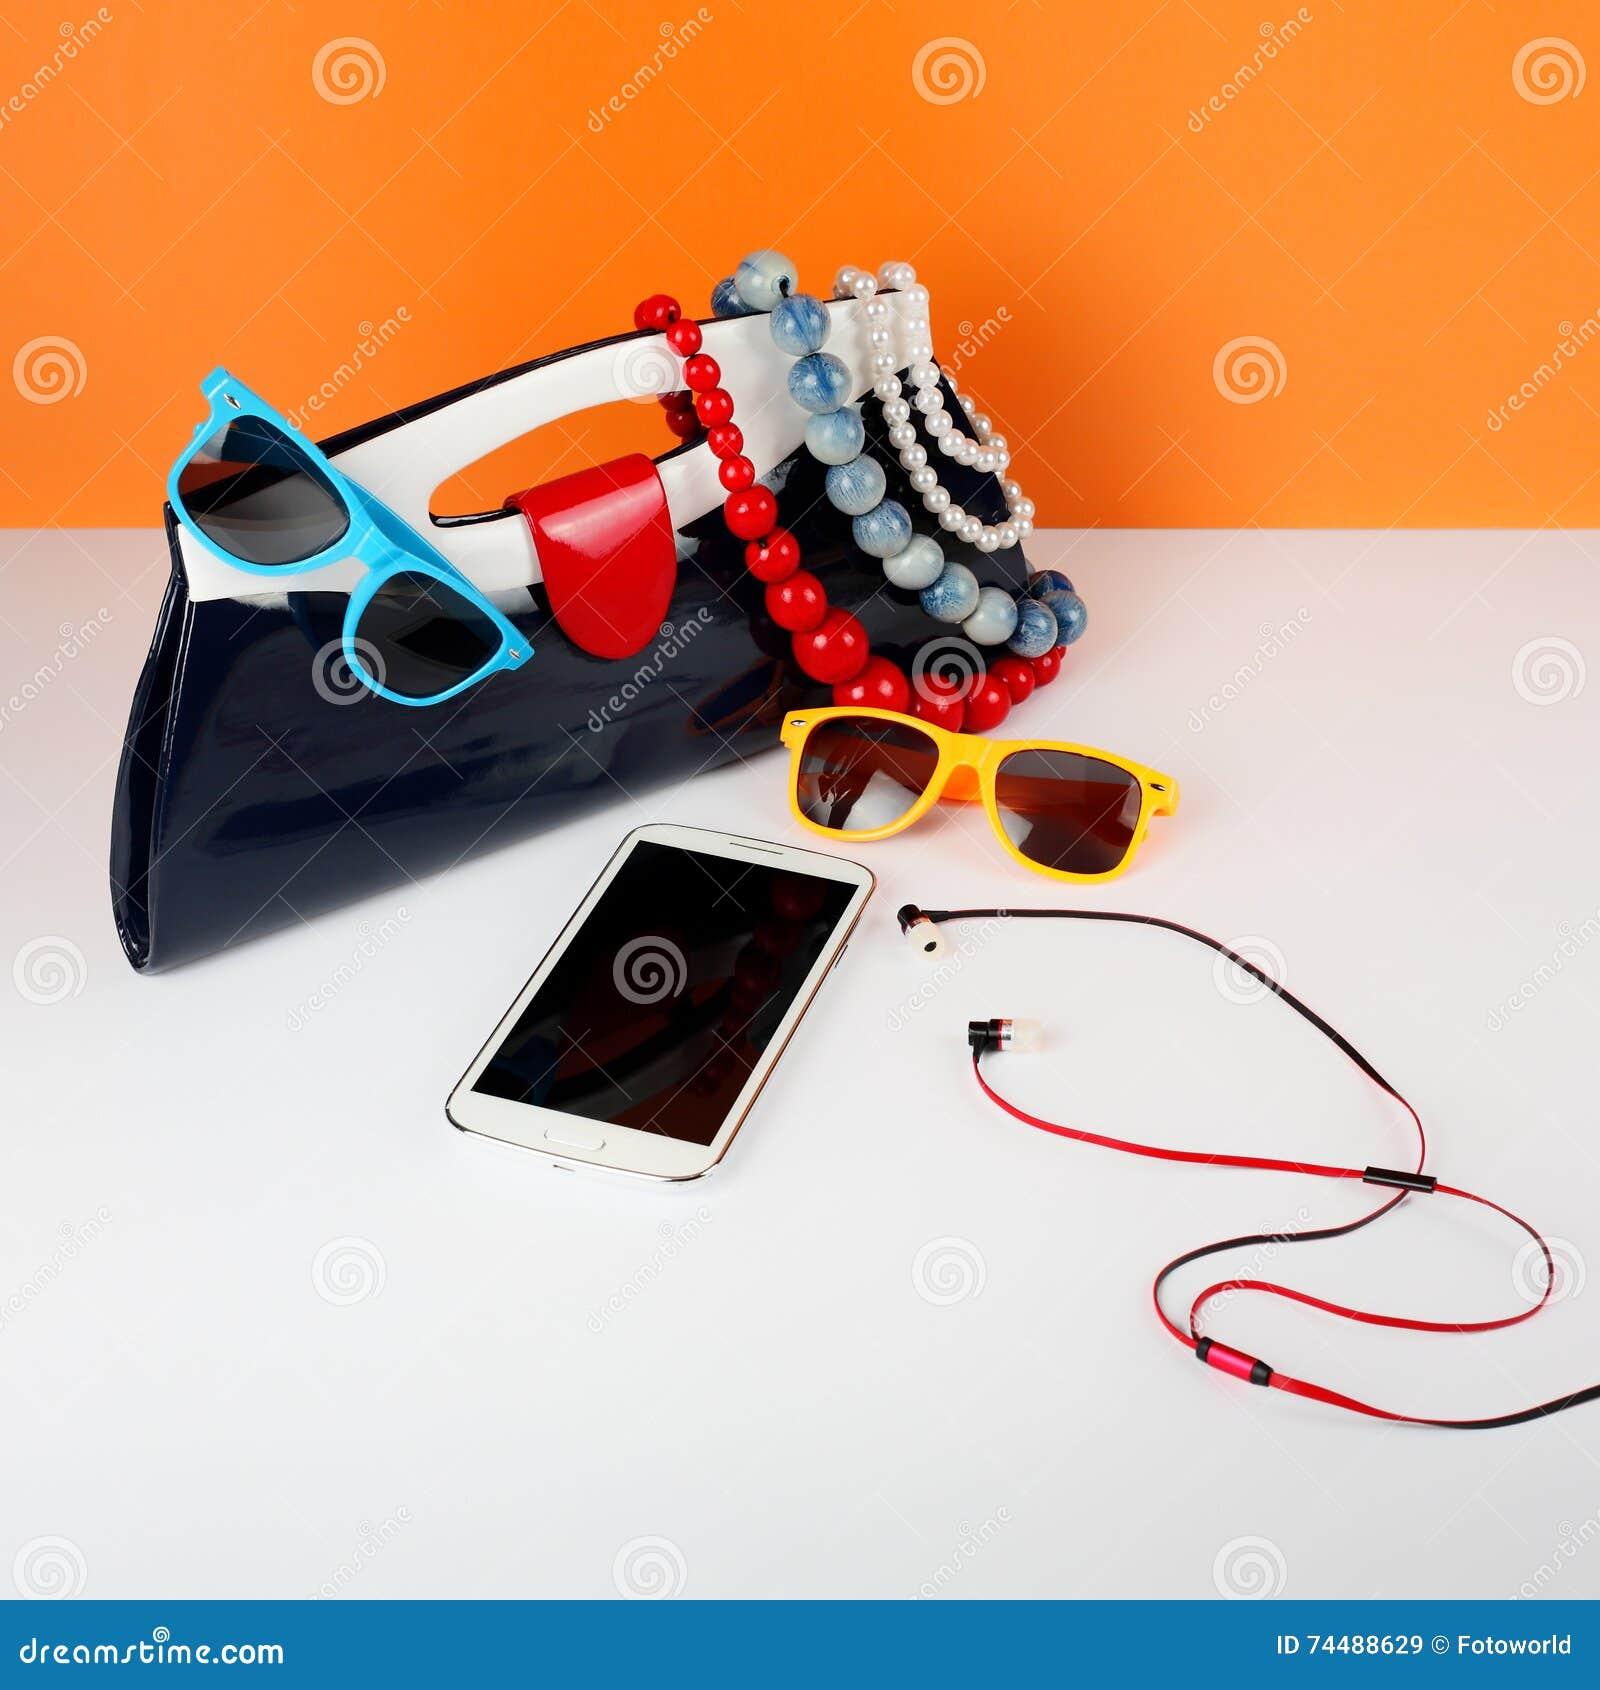 Mujeres Estilo Complementos Su De Las Gafas SolBolsoPho F1KTJcl3